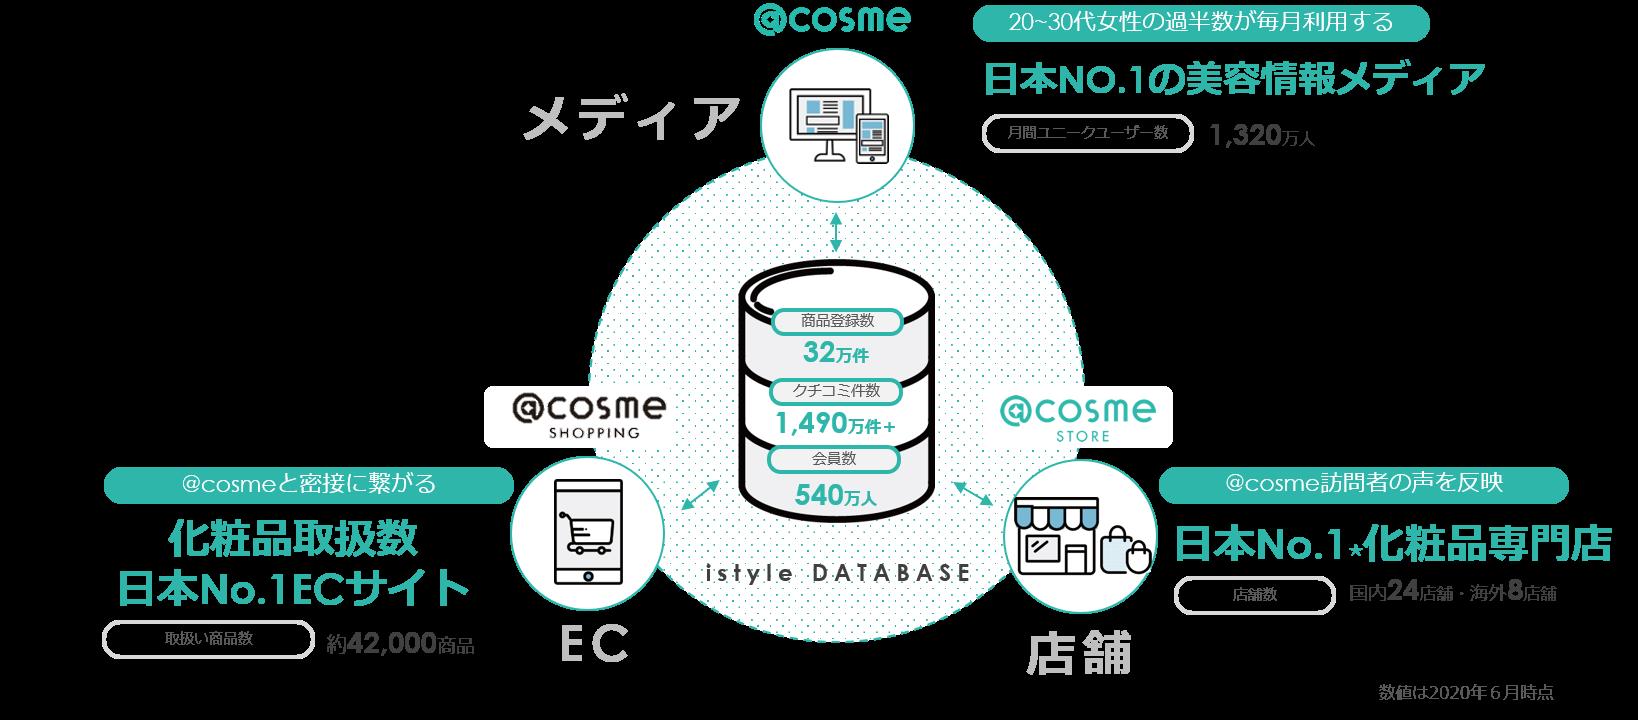 美容に関わる膨大な商品情報・ユーザー情報を蓄積した独自のデータベースを活用